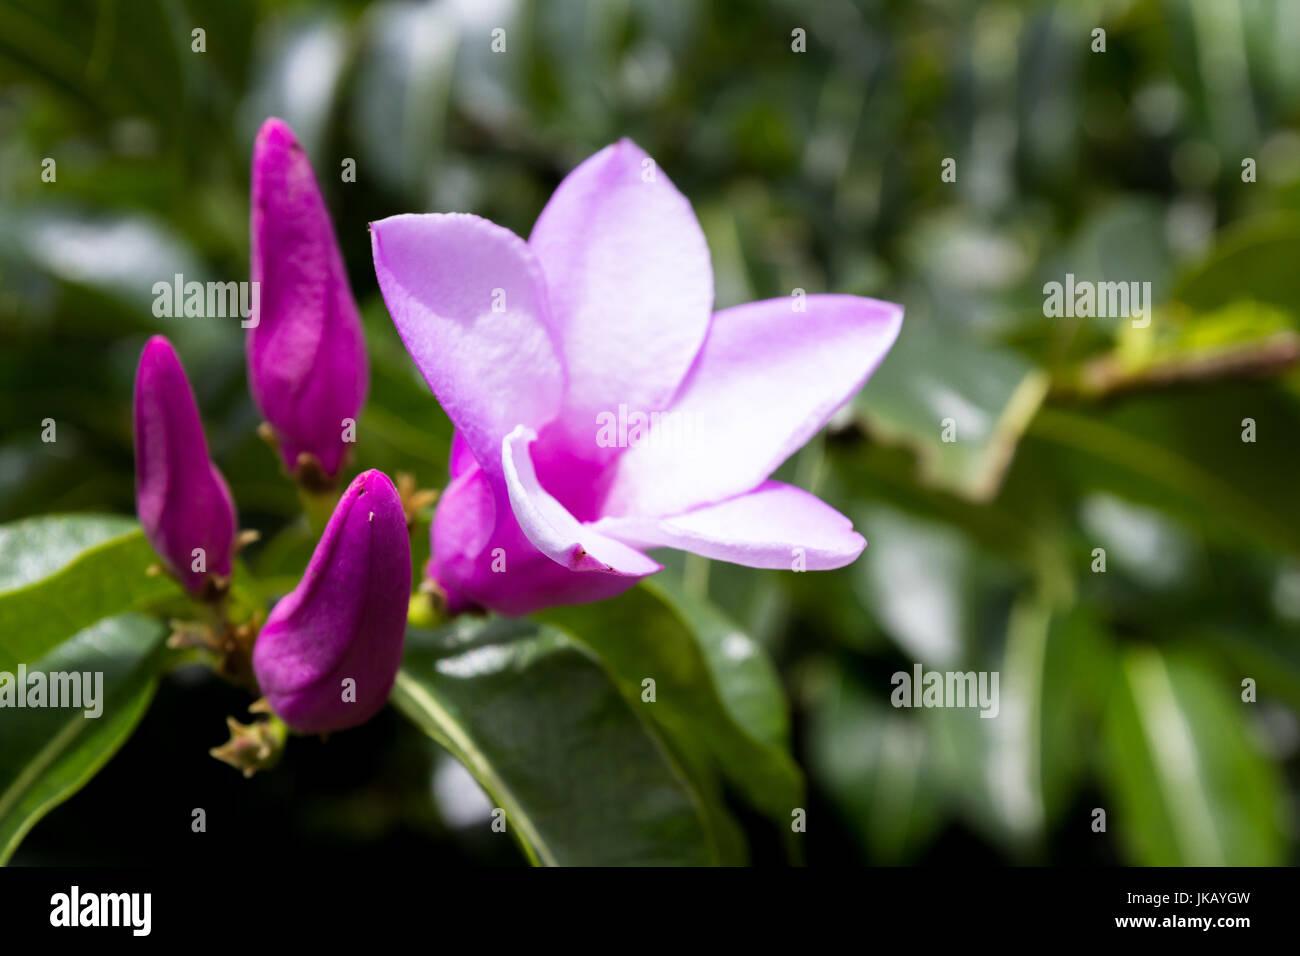 Cerca De Una Hermosa Flor Morada Con Cinco Pétalos Delicados Con Un Grupo De Flores Listo Para Abrir Y Vegetación Natural En El Fondo Fotografía De Stock Alamy